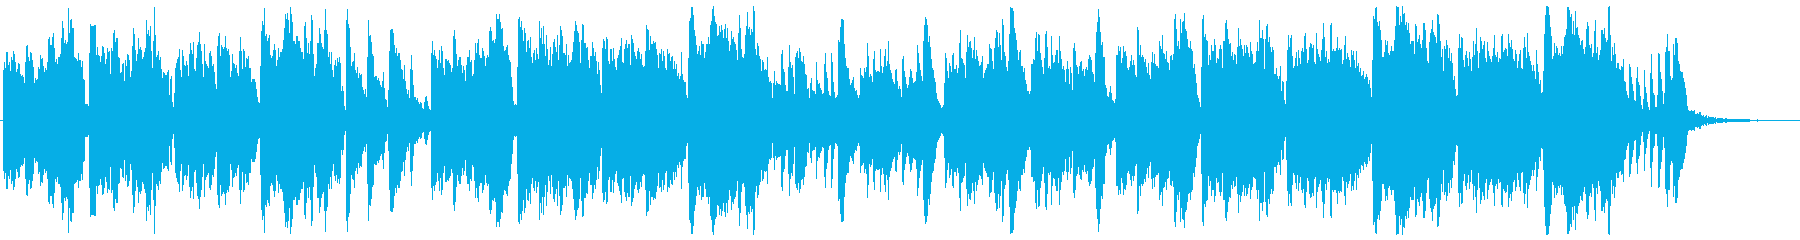 物悲しい3拍子曲 魔法 異世界 精霊01の再生済みの波形